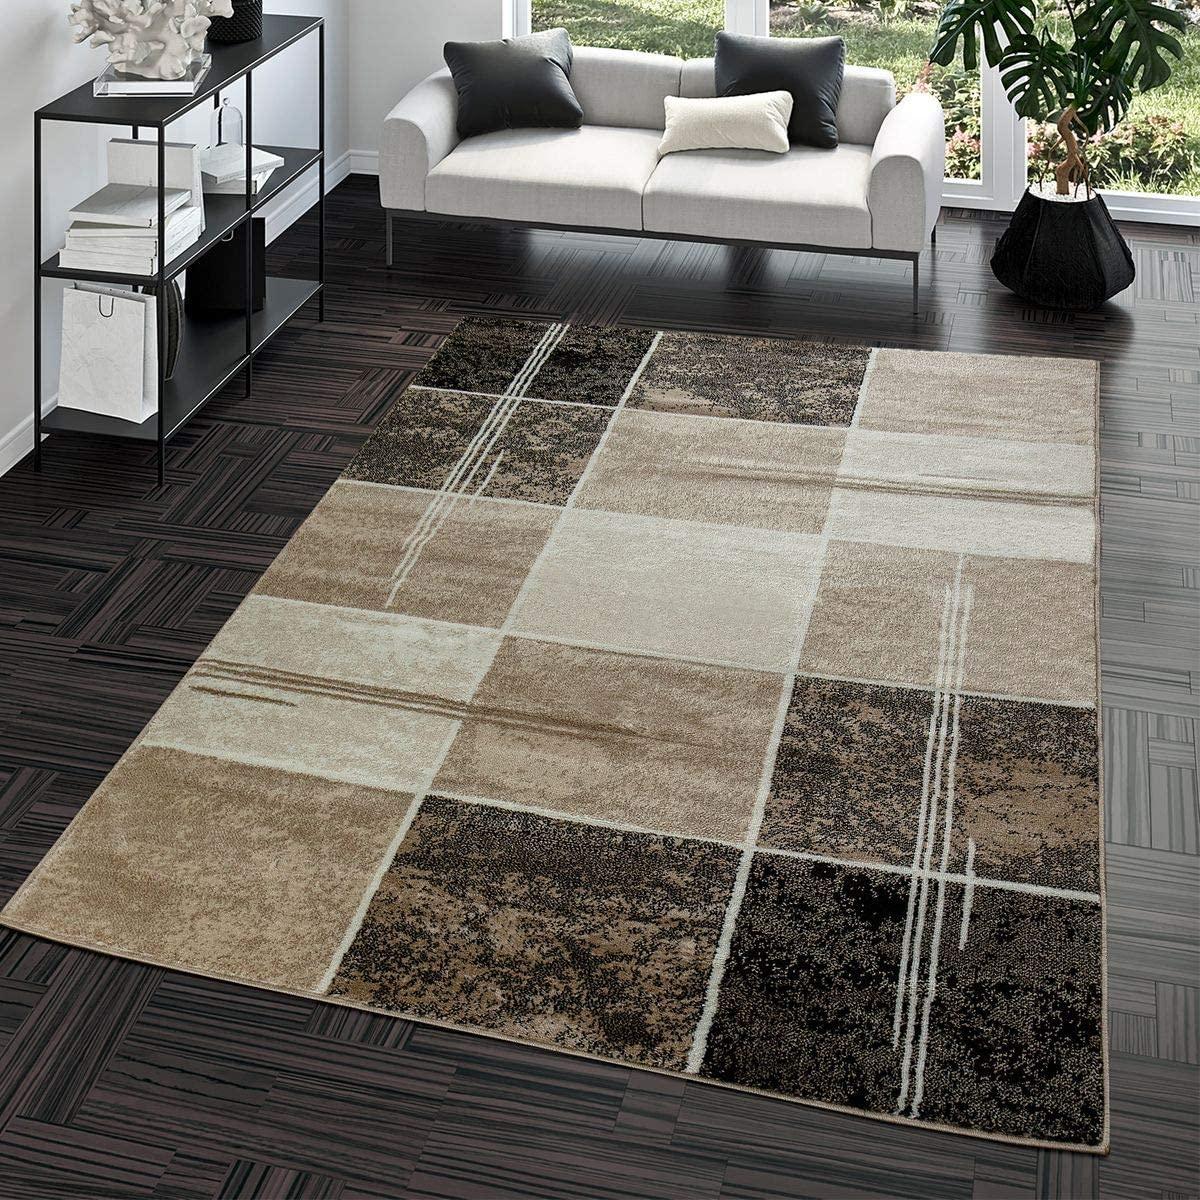 T&T Design Alfombra Salón Moderna Económica Diseño Cuadros Marrón Beige Crema Mejor Precio, Größe:160x220 cm